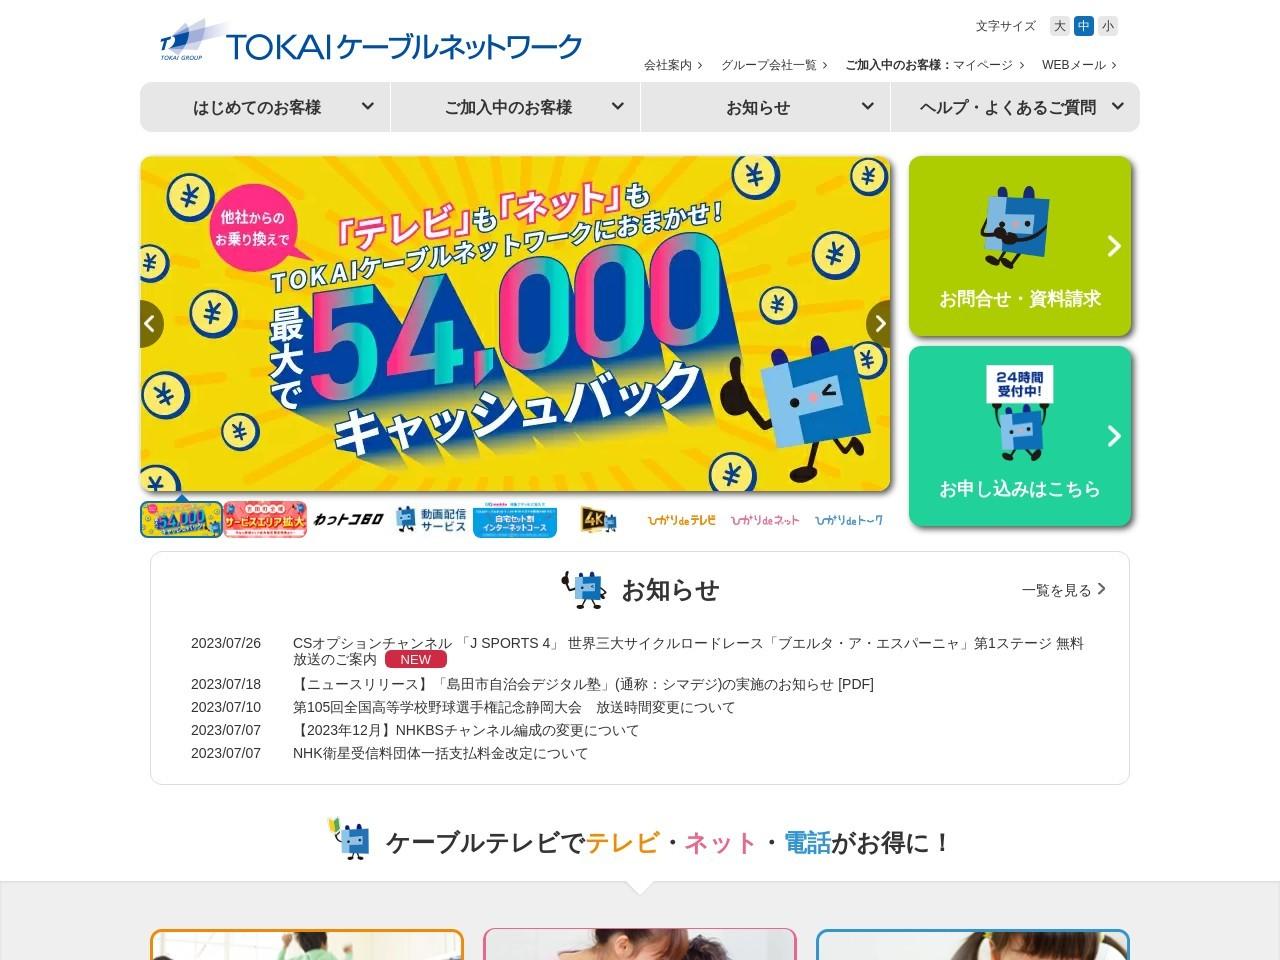 ケーブルテレビ(TOKAIケーブルネットワーク)/4K・8K放送に対応した放送サービス「ひかりdeテレビ」登場!これからテレビはヒカリでつながる ヒカテレ ひかてれ